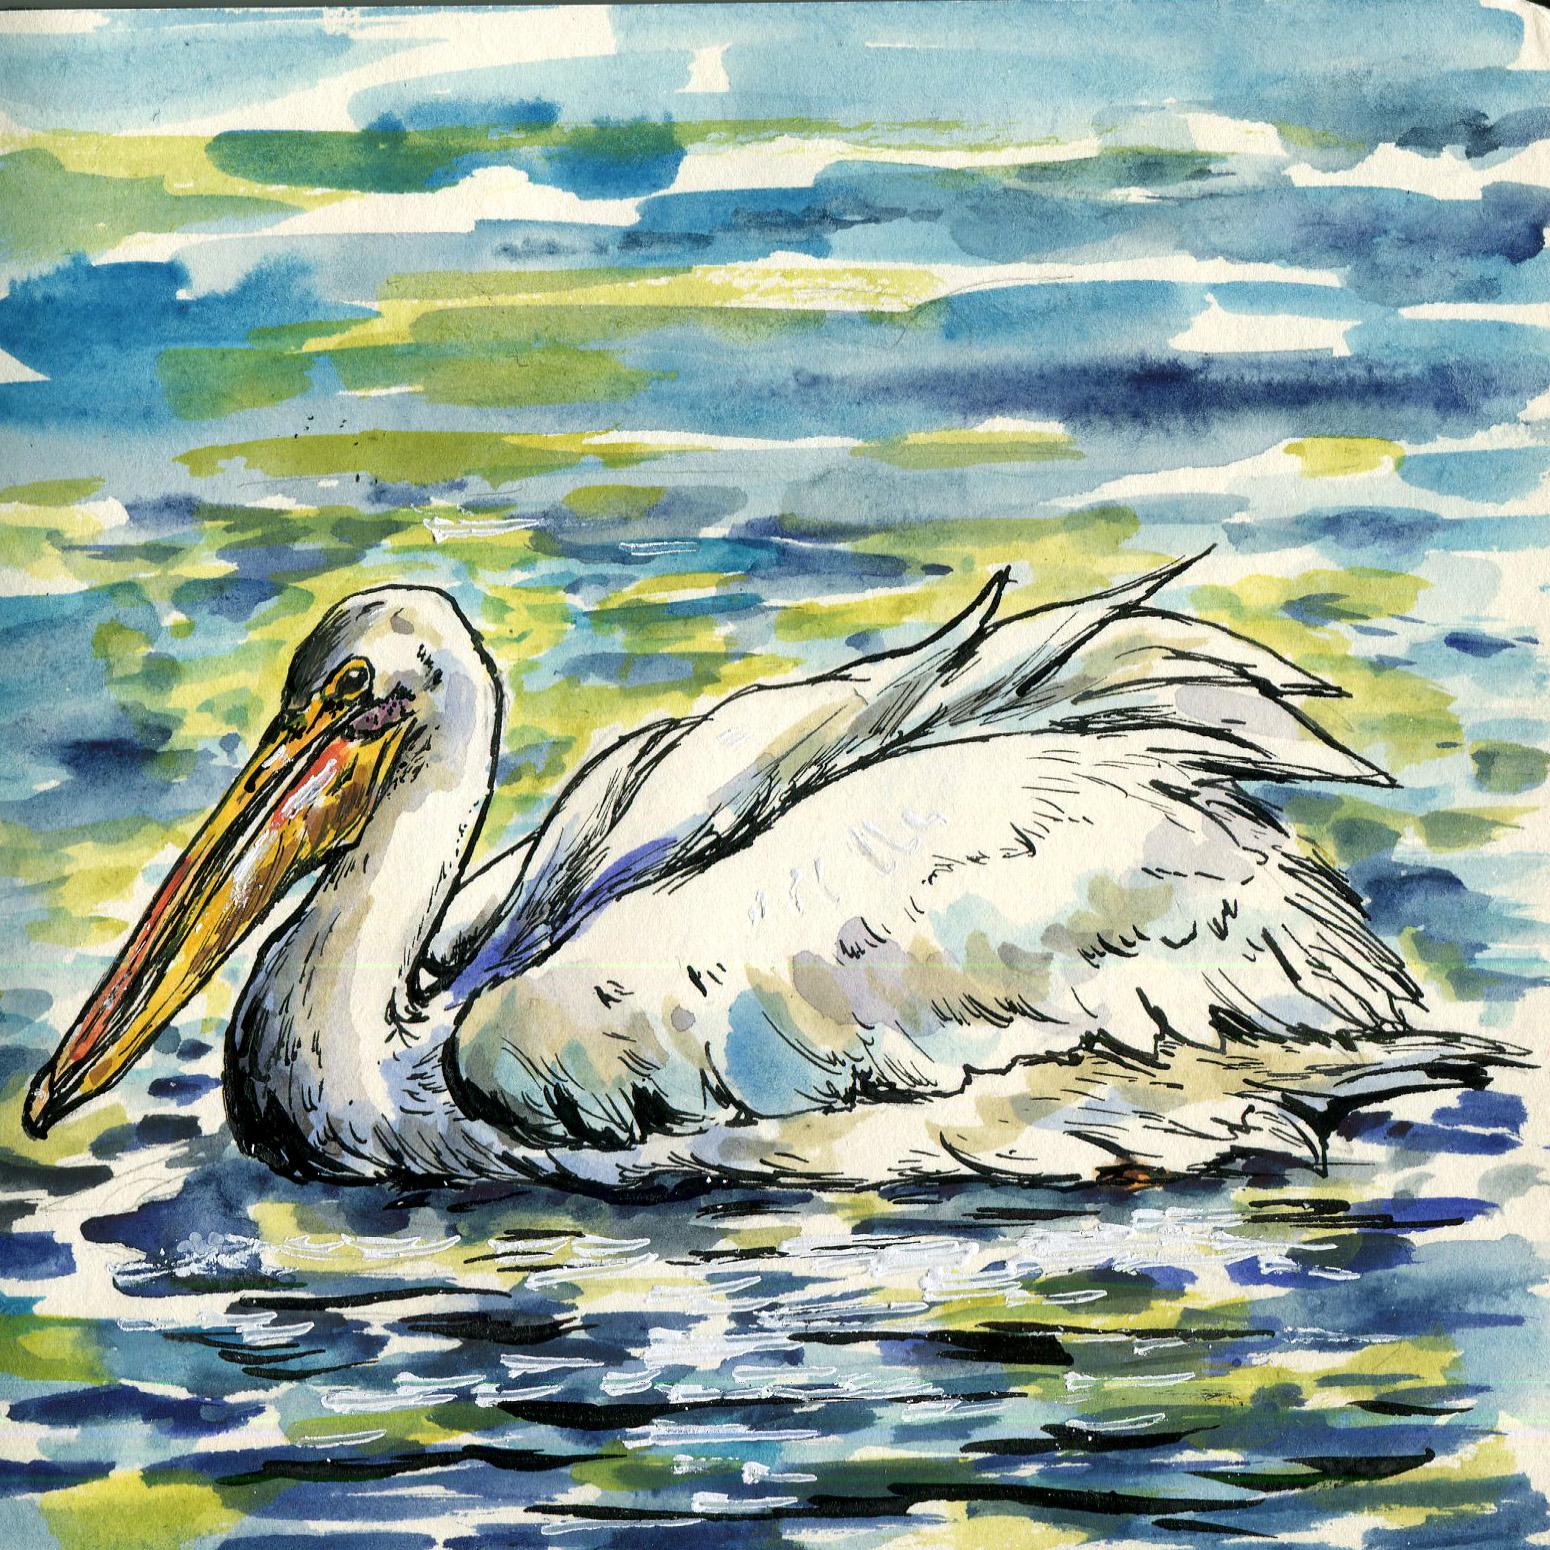 274. American White Pelican